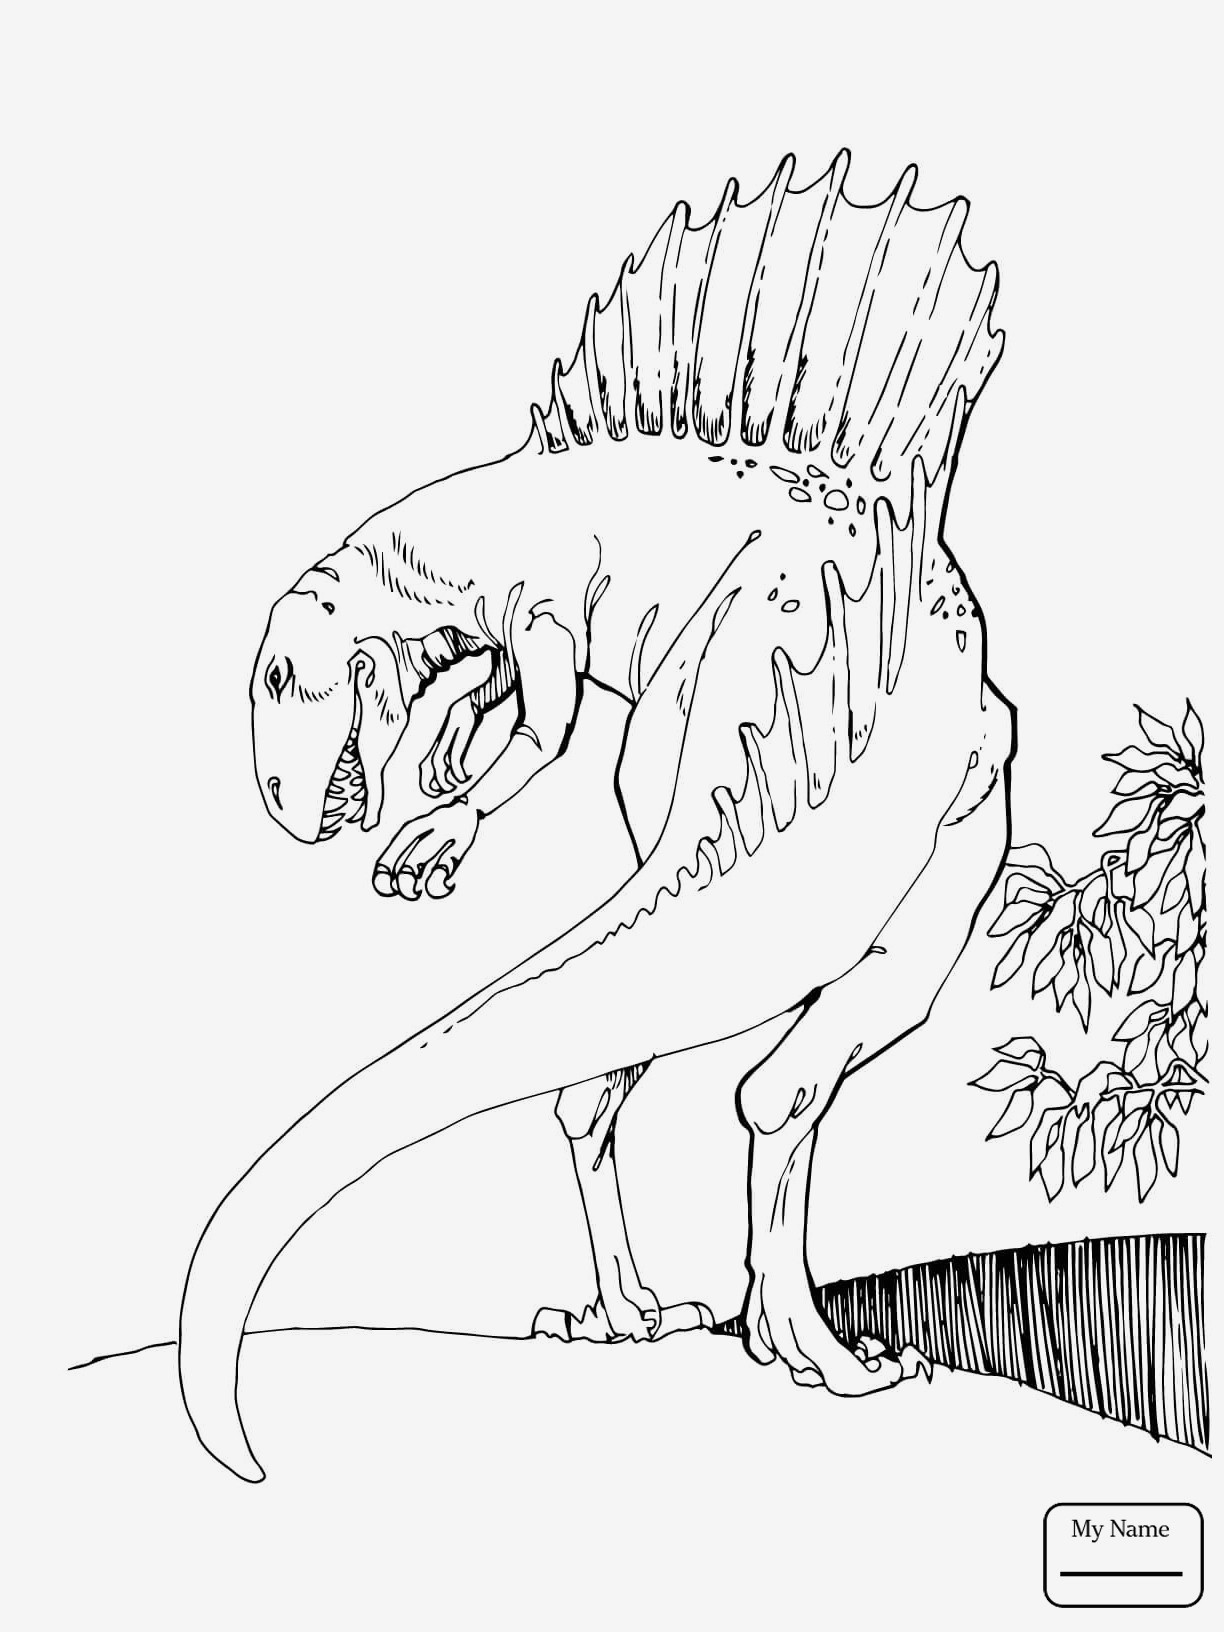 T Rex Malvorlage Das Beste Von Spannende Coloring Bilder T Rex Malvorlagen Kostenlos Das Bild